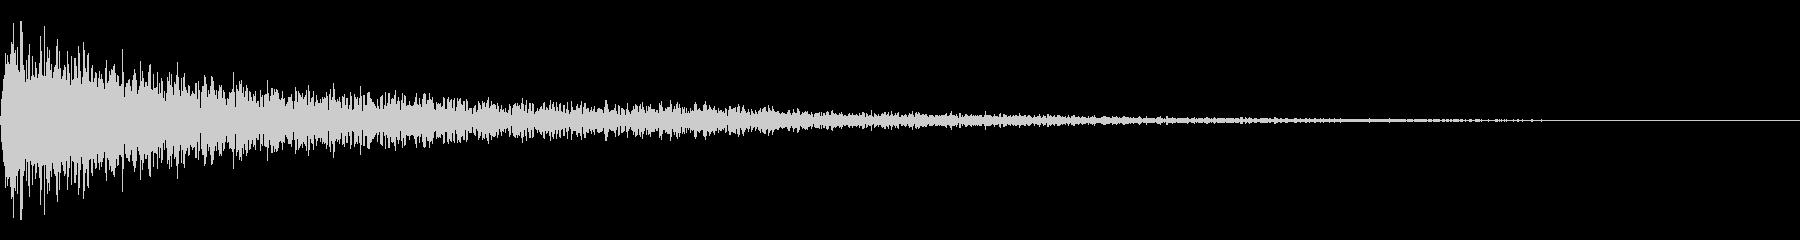 予感 不穏 ピアノ02の未再生の波形